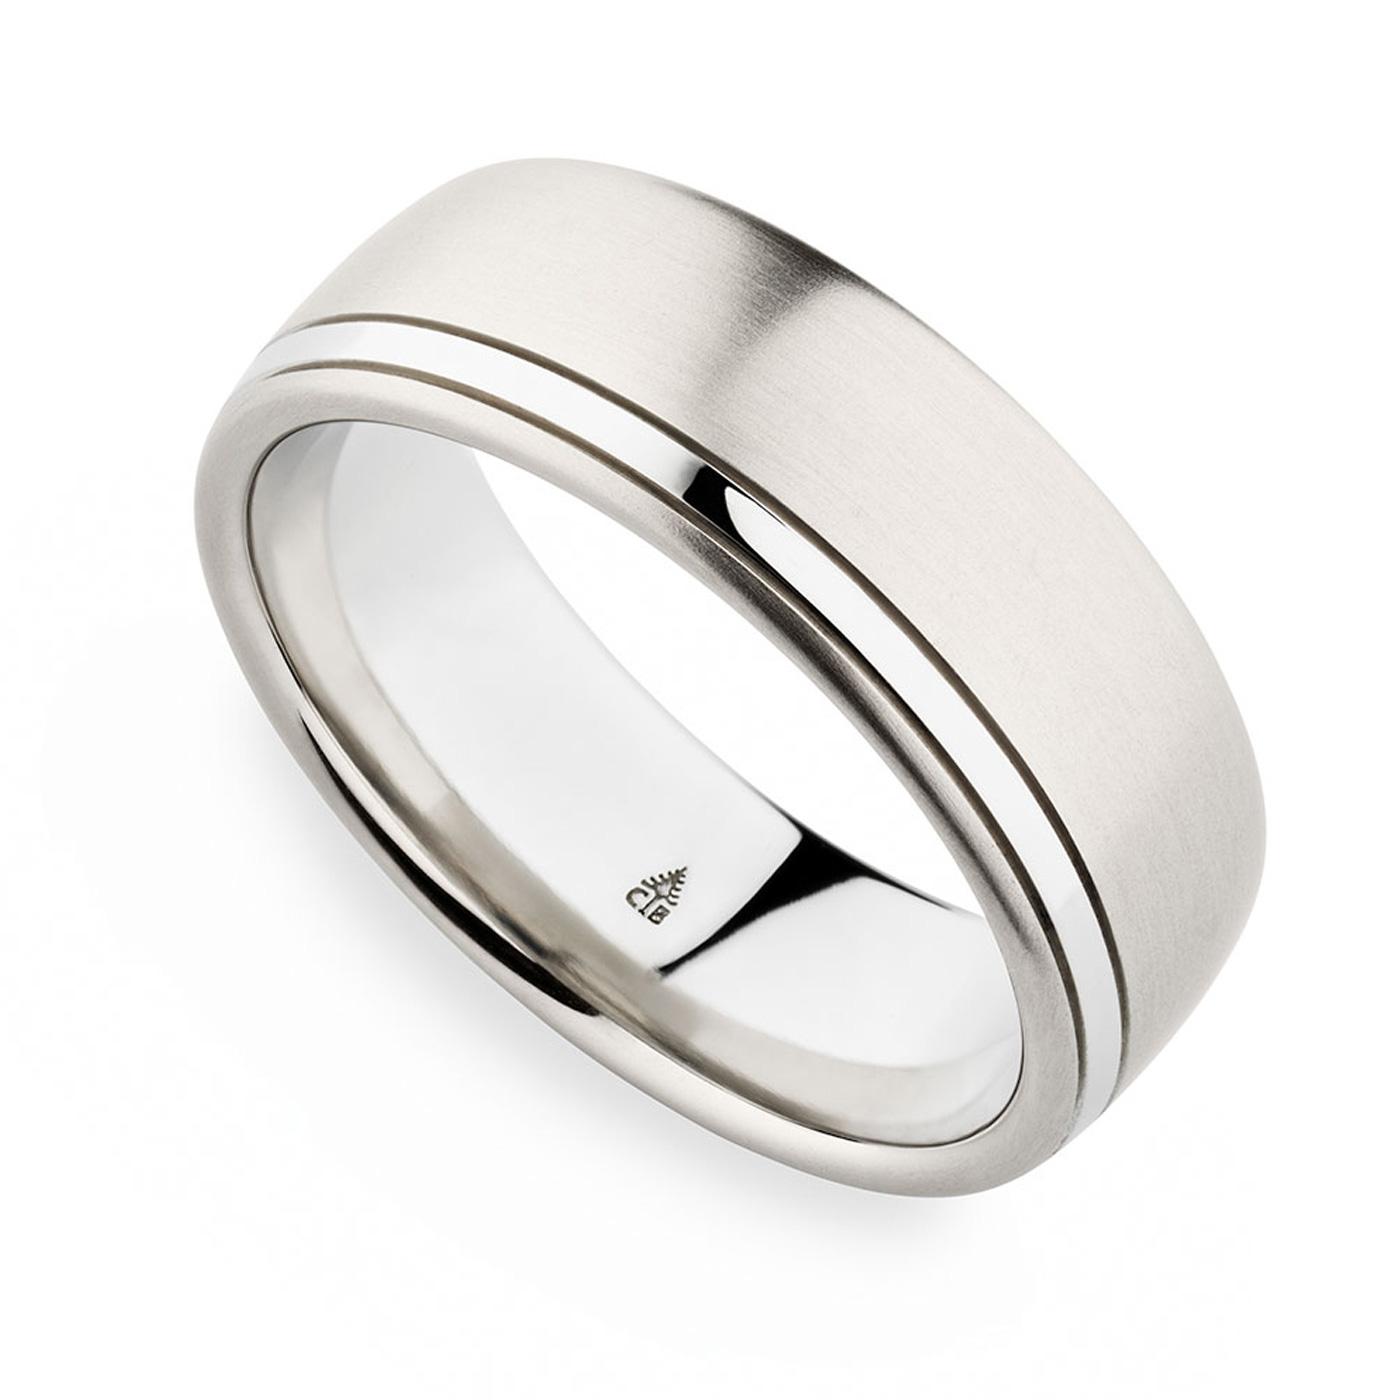 274309 Bauer 18 Karat Wedding Ring Band